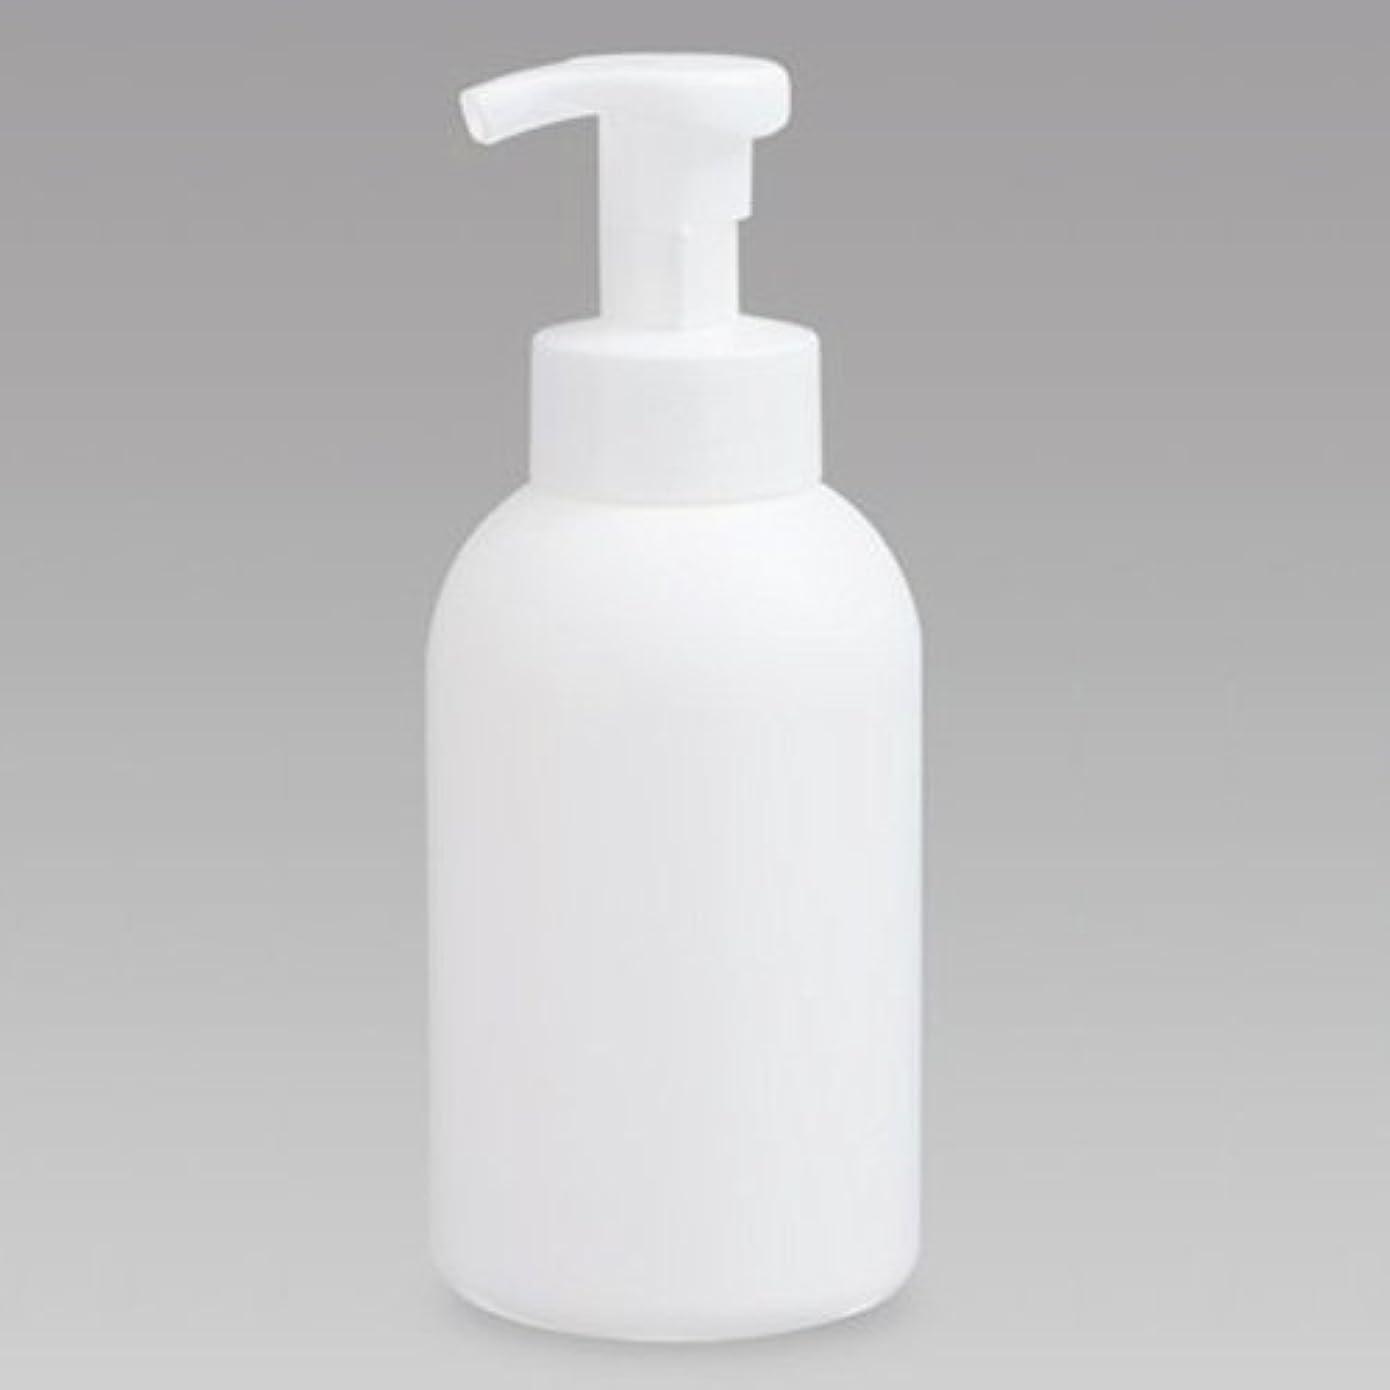 ダウンありそう消防士泡ボトル 泡ポンプボトル 500mL(PE) ホワイト 詰め替え 詰替 泡ハンドソープ 全身石鹸 ボディソープ 洗顔フォーム